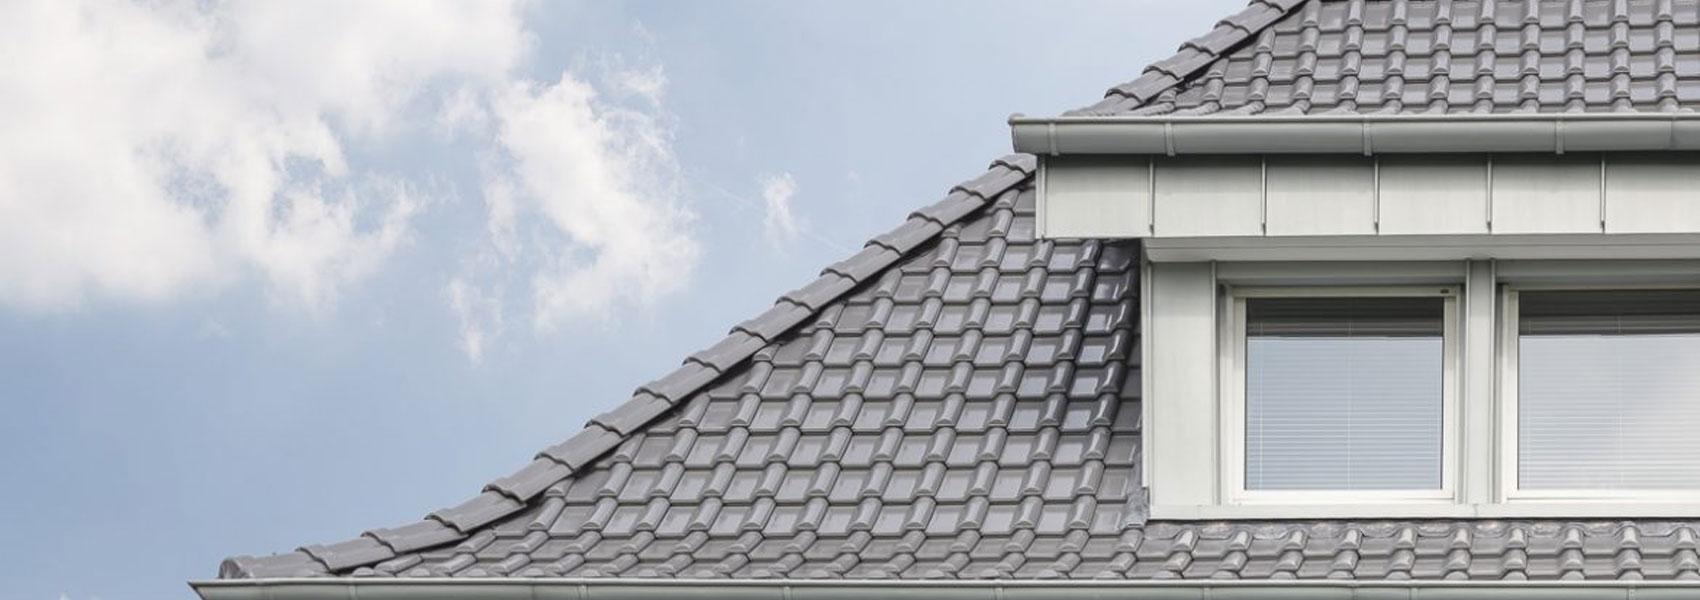 Baustoffe Schlemmer Dach Und Fassade